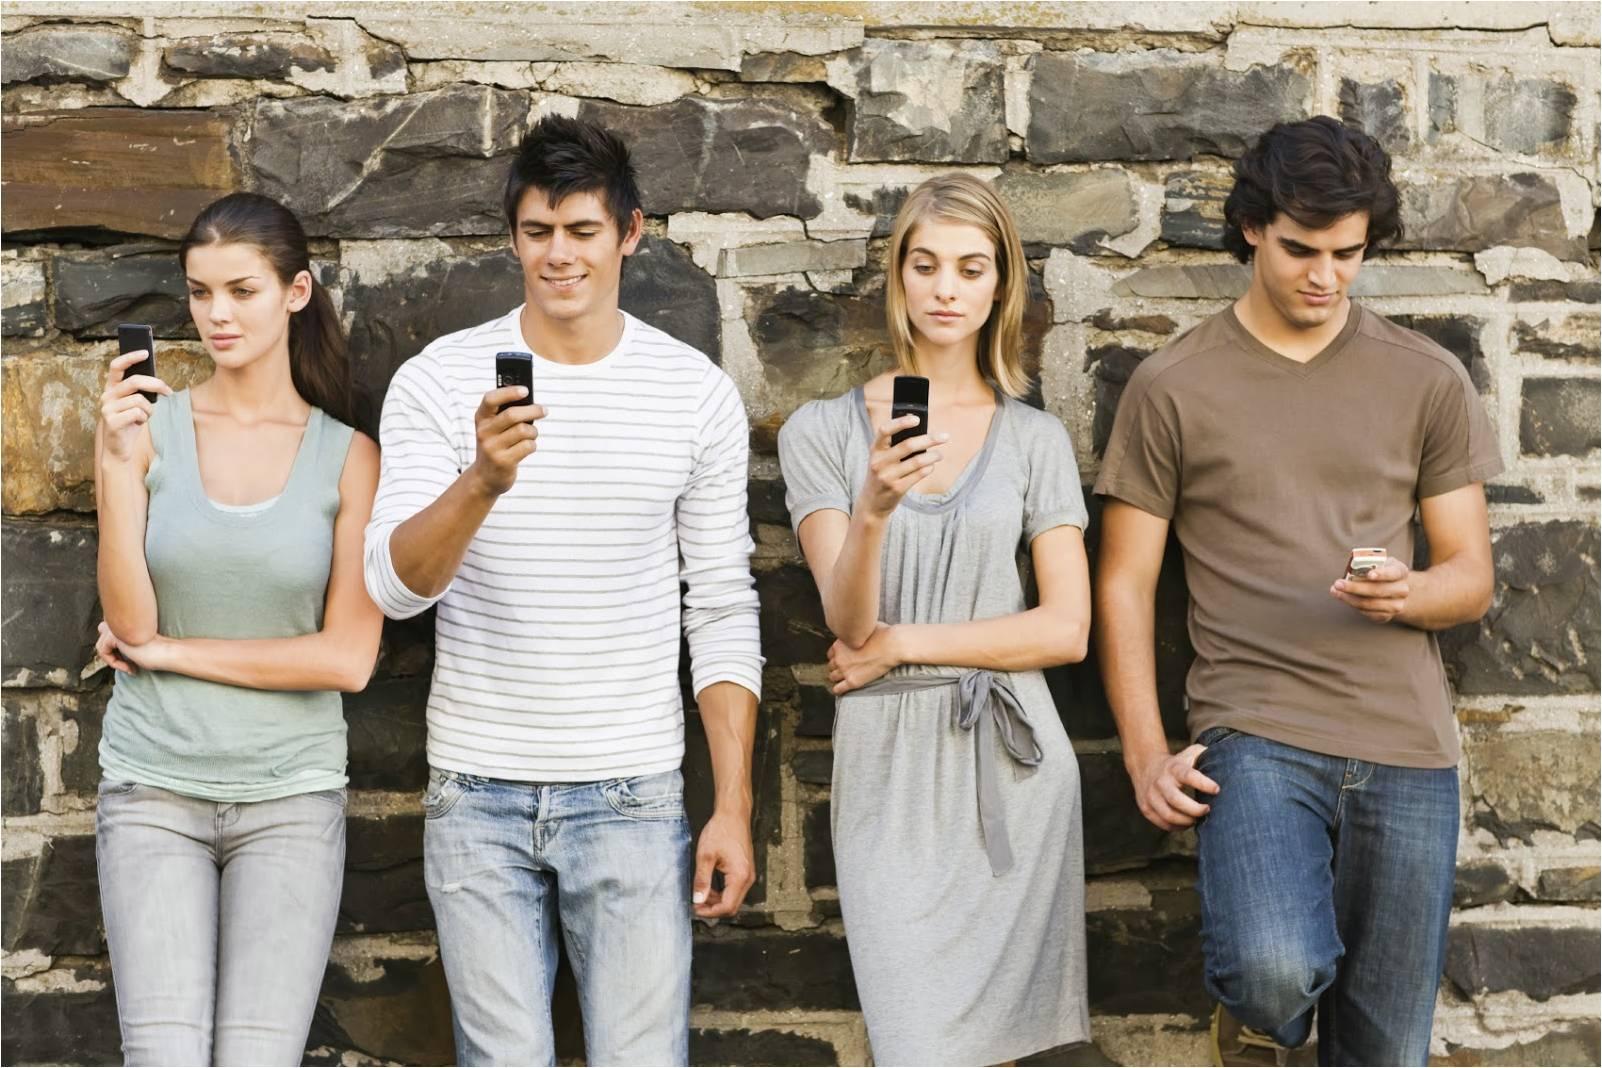 Generación Y Millennials